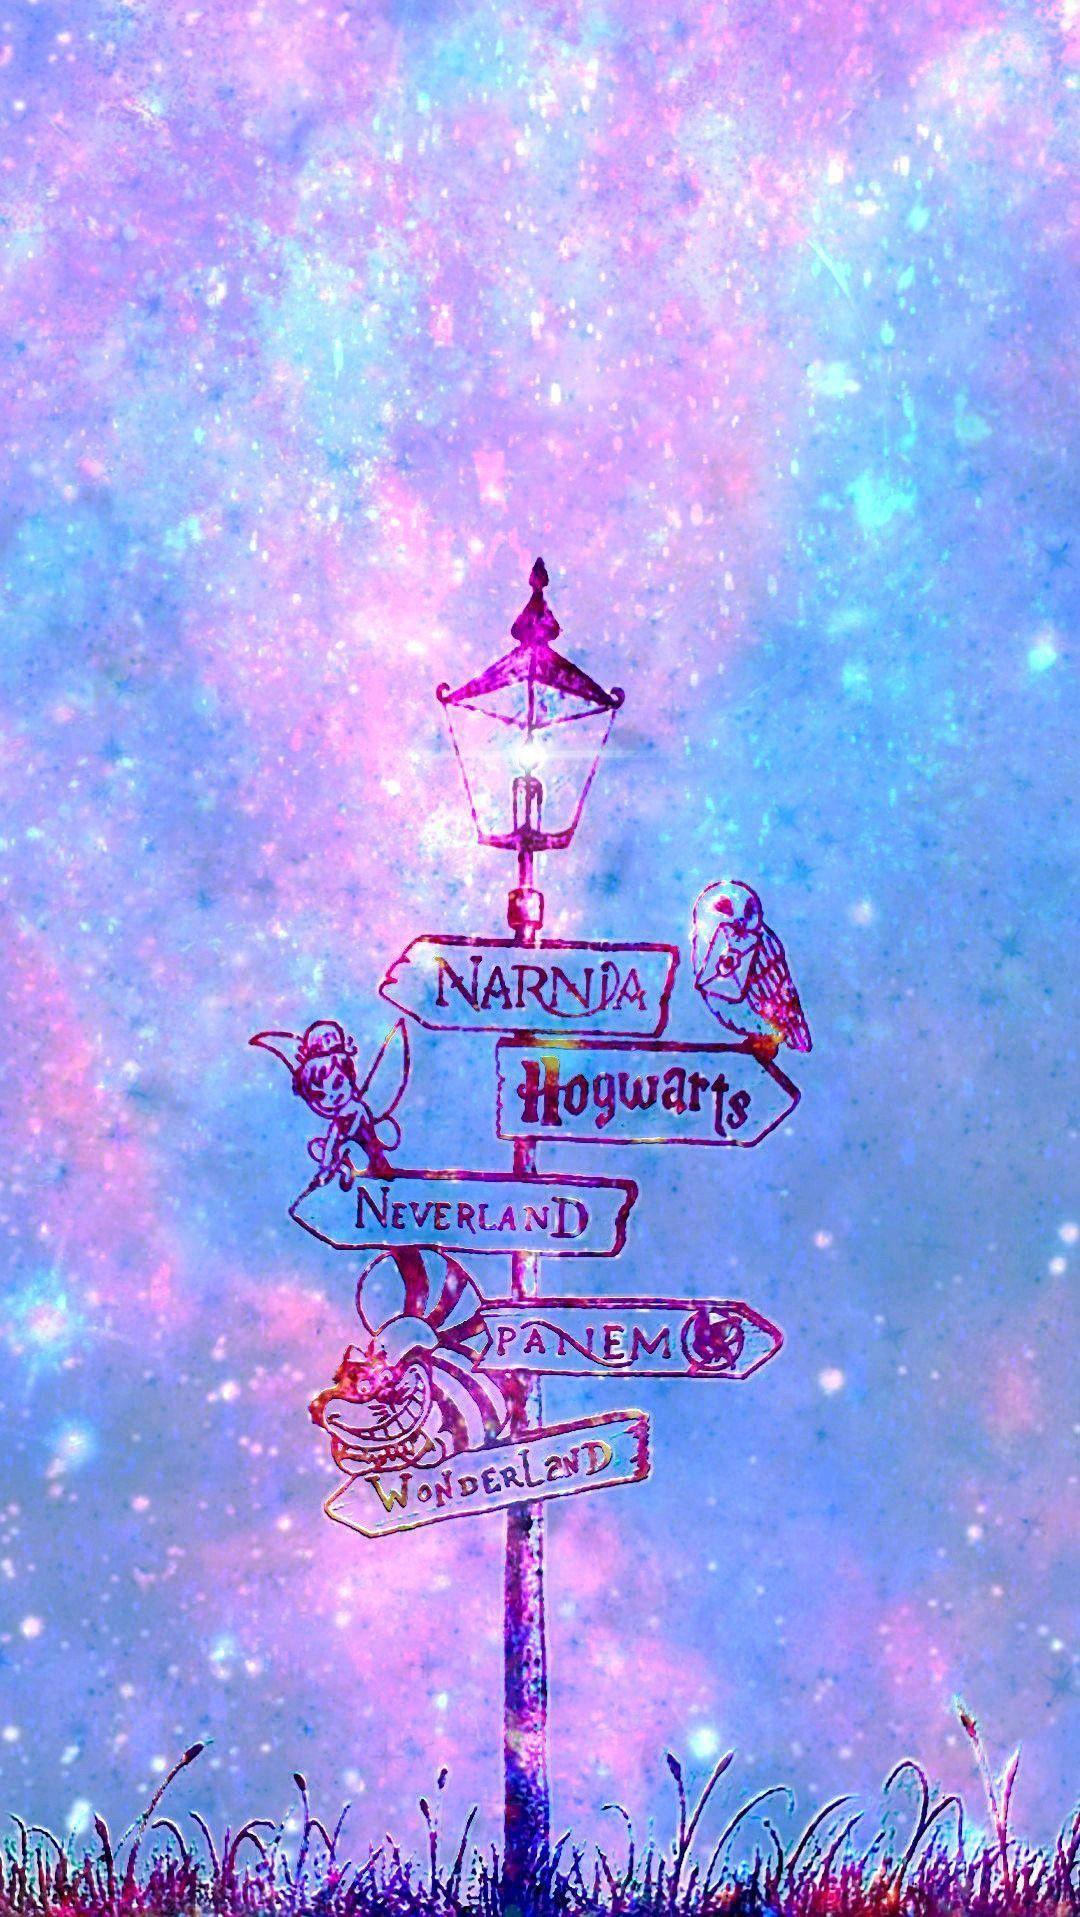 Glitter Nails Glitterwandcode 4689493323 Disneyphonebackgrounds Glitter Nails Gli Iphone Wallpaper Glitter Disney Phone Backgrounds Wallpaper Iphone Disney